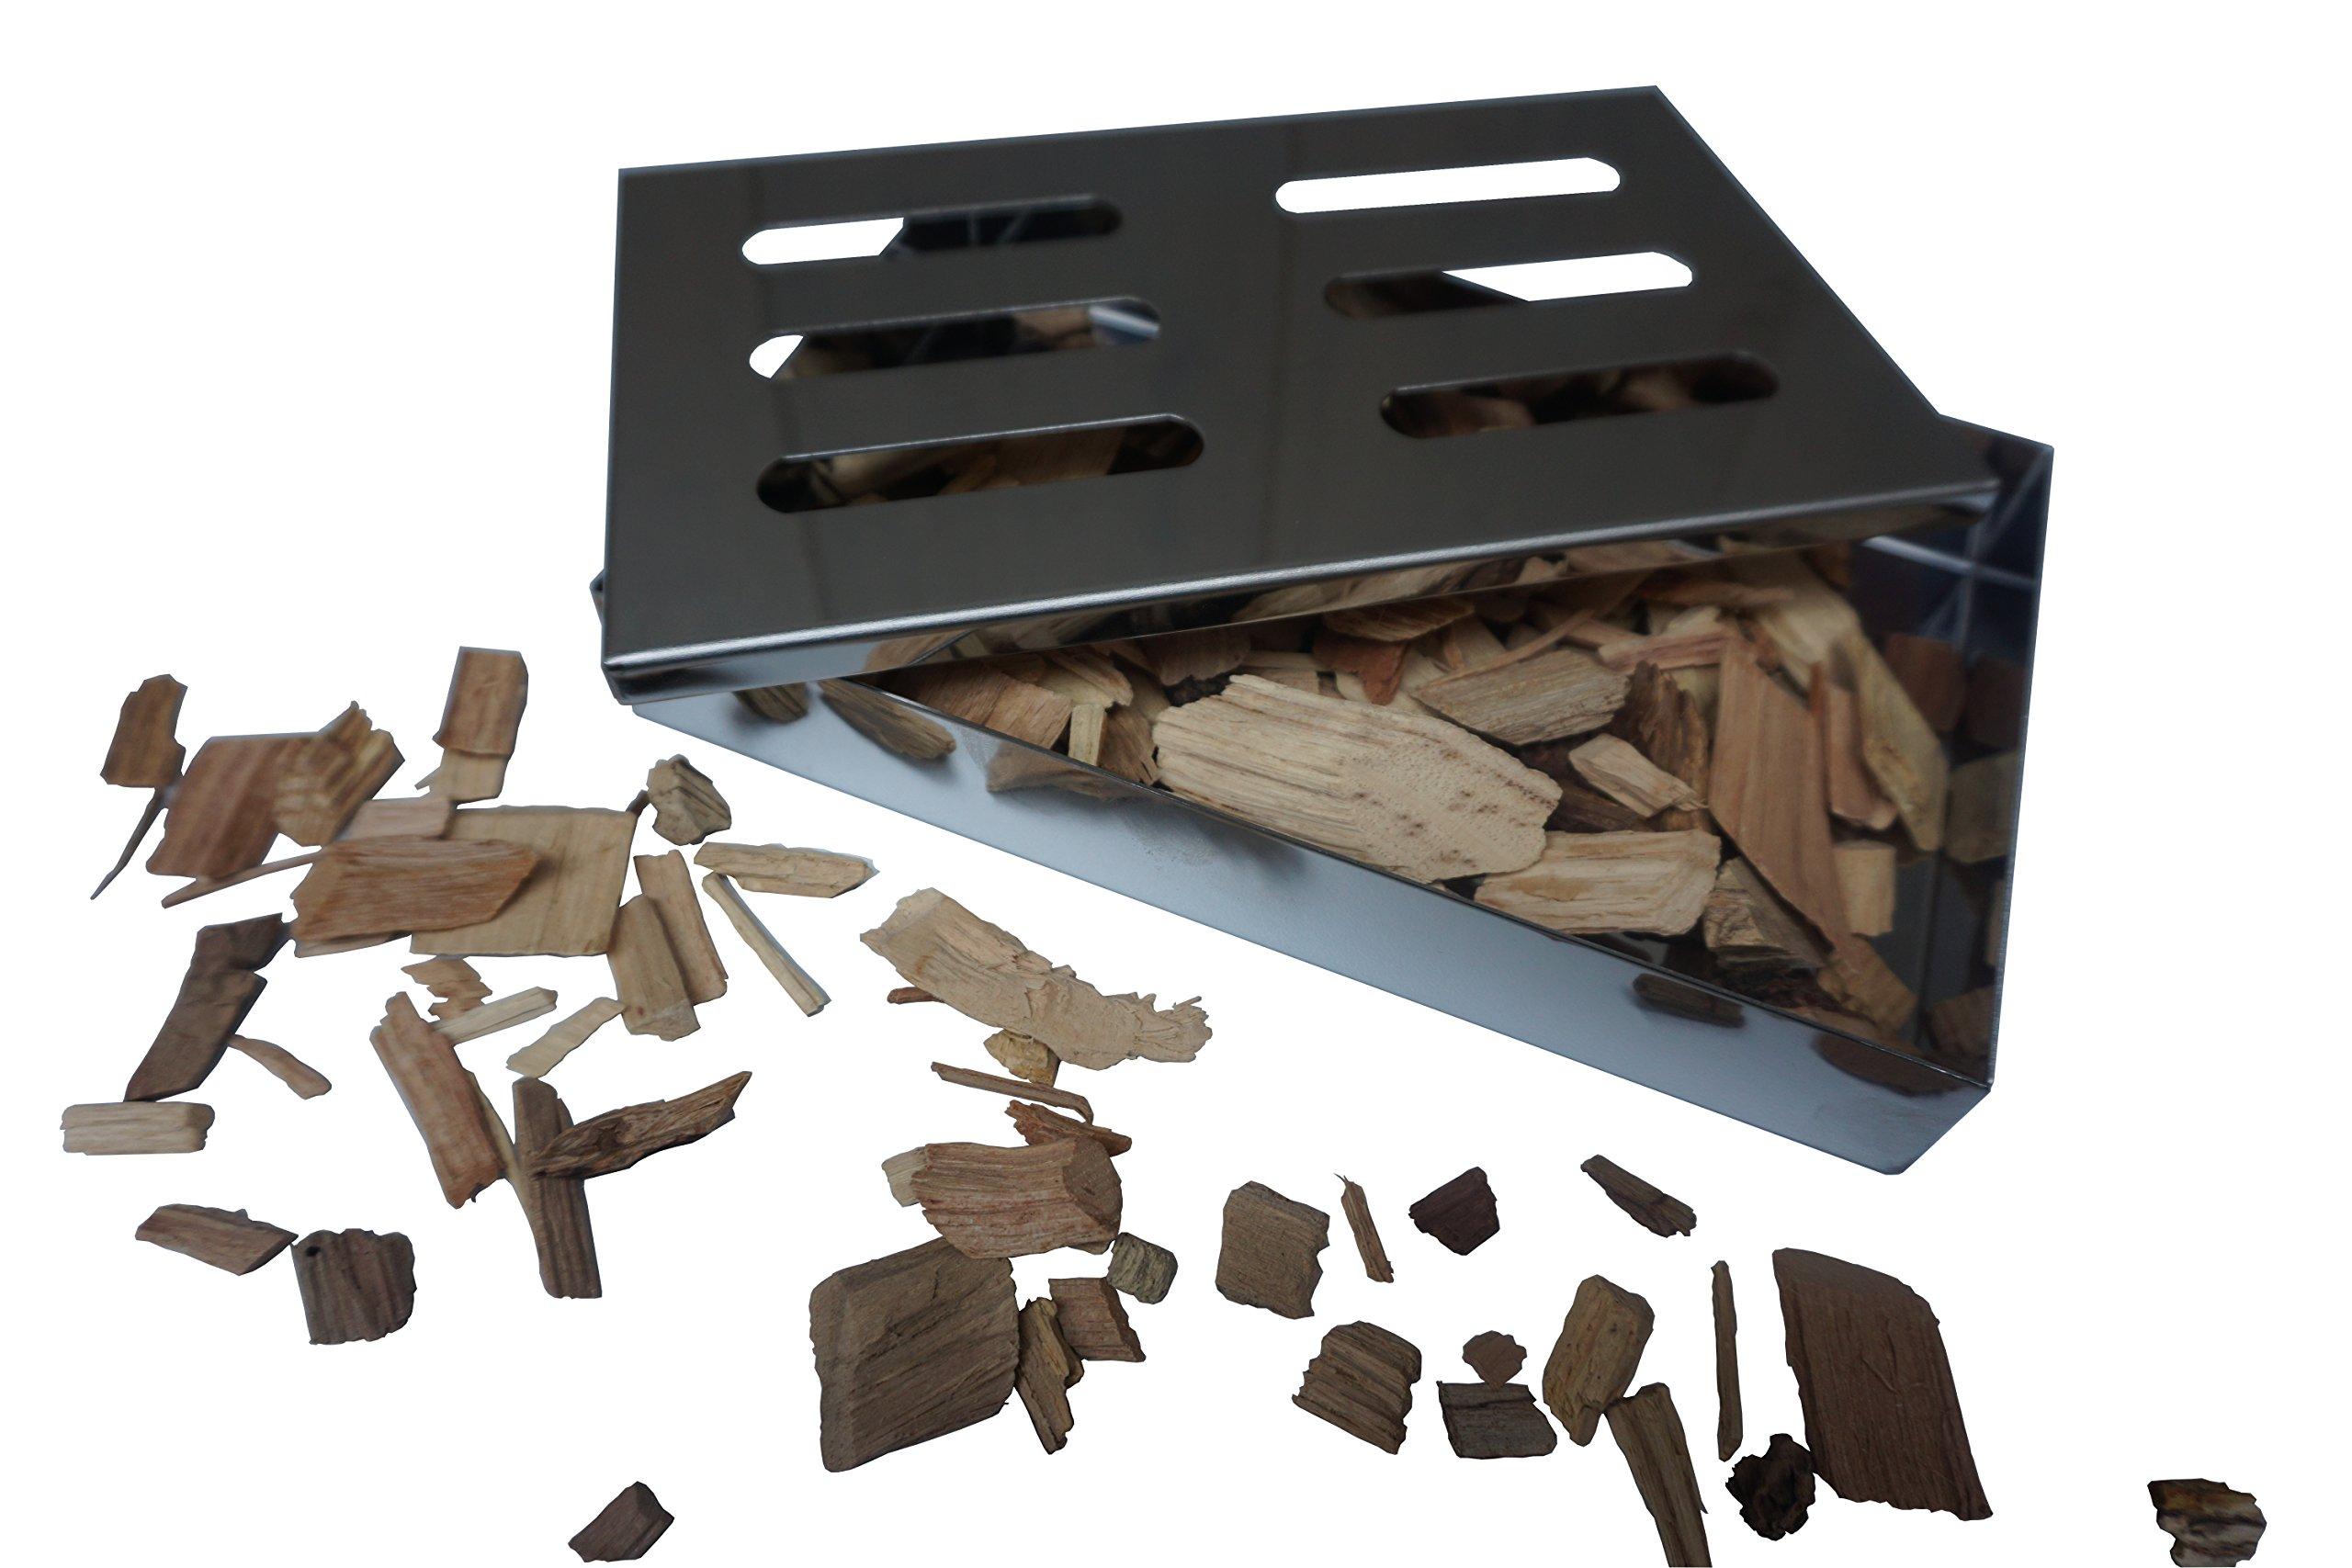 Räucherbox Für Gasgrill : Grillmatz räucherbox smokerbox gasgrill aus hochwertigem